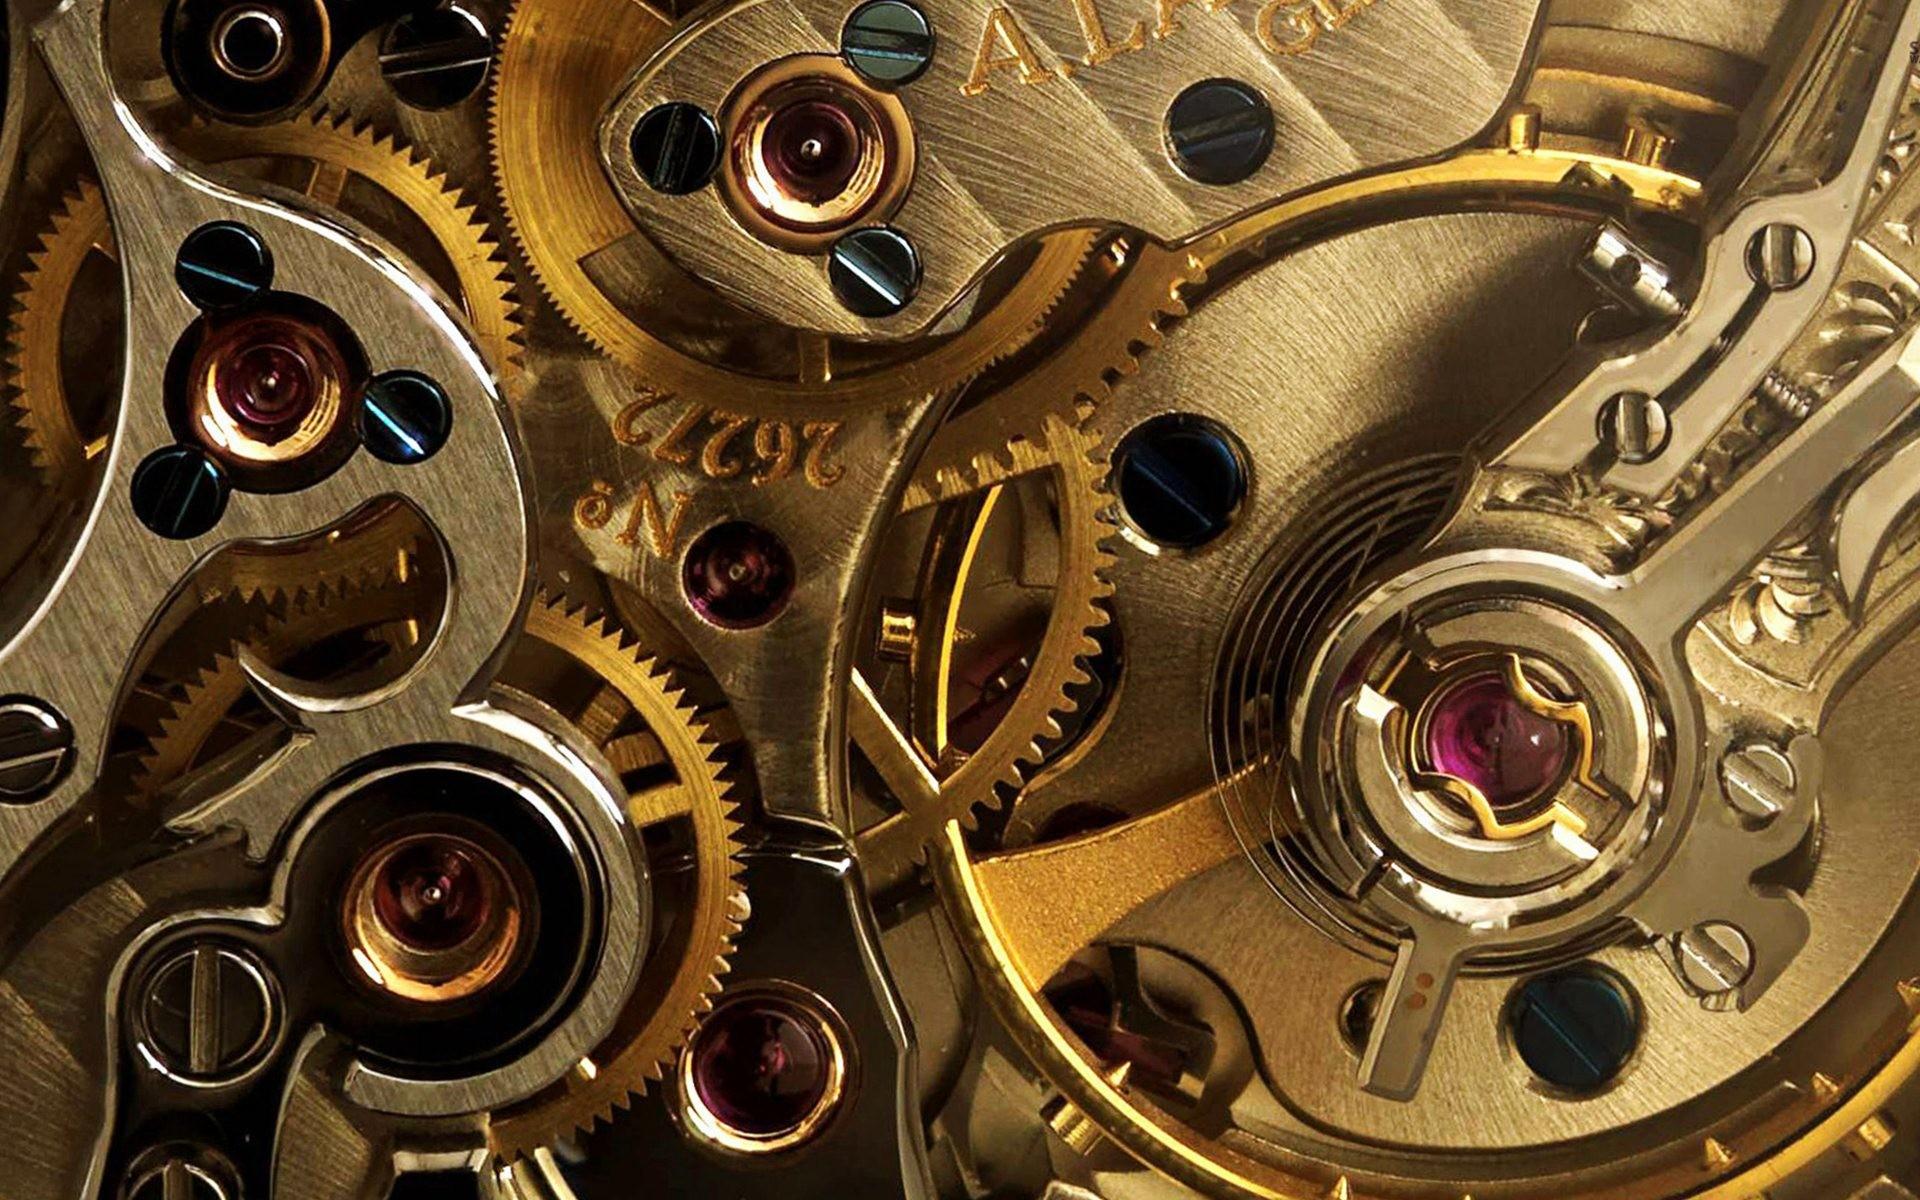 Golden Watch Gears Creative Wallpaper.jpg (1920×1200)